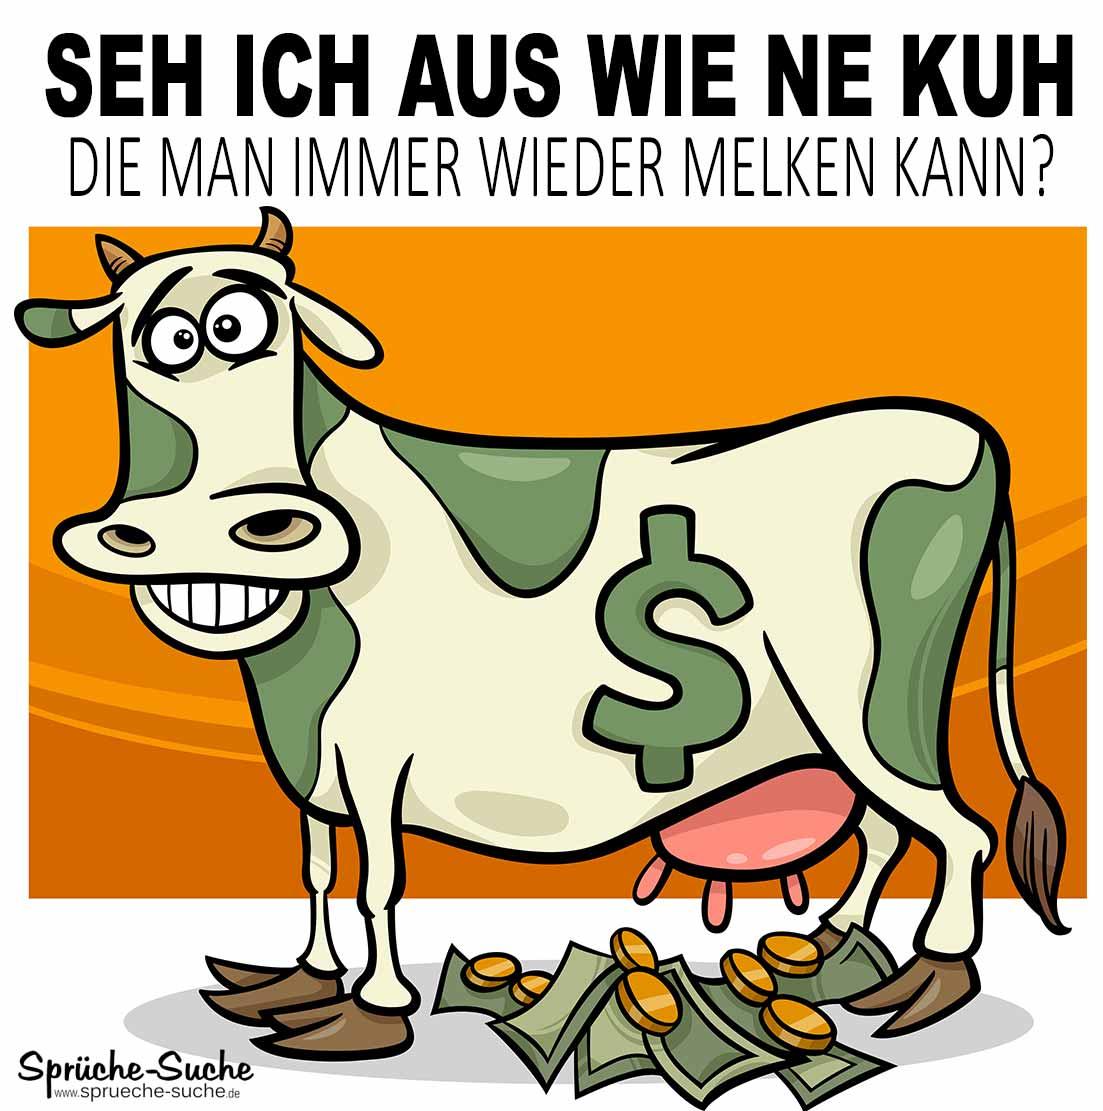 geld - sprüche-suche